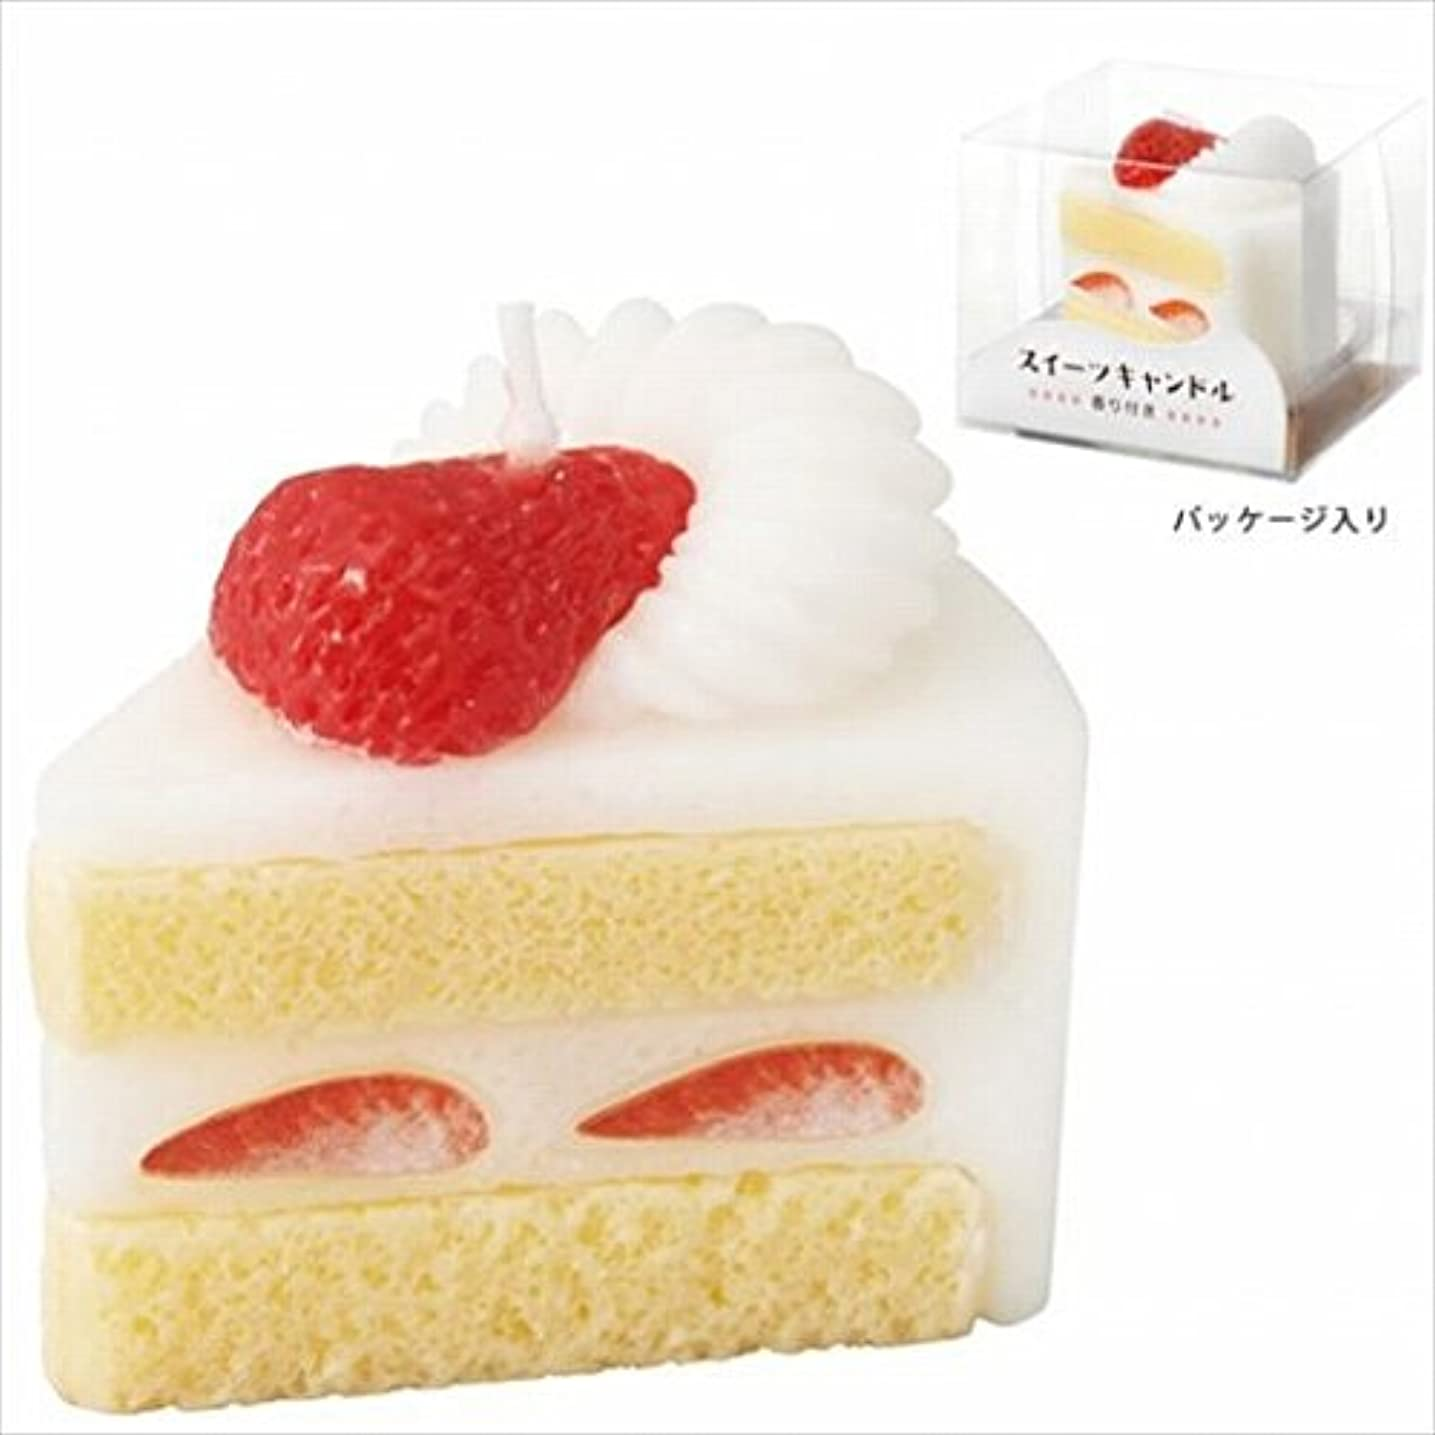 証明じゃがいもトロリーヤンキーキャンドル( YANKEE CANDLE ) スイーツキャンドル ショートケーキ